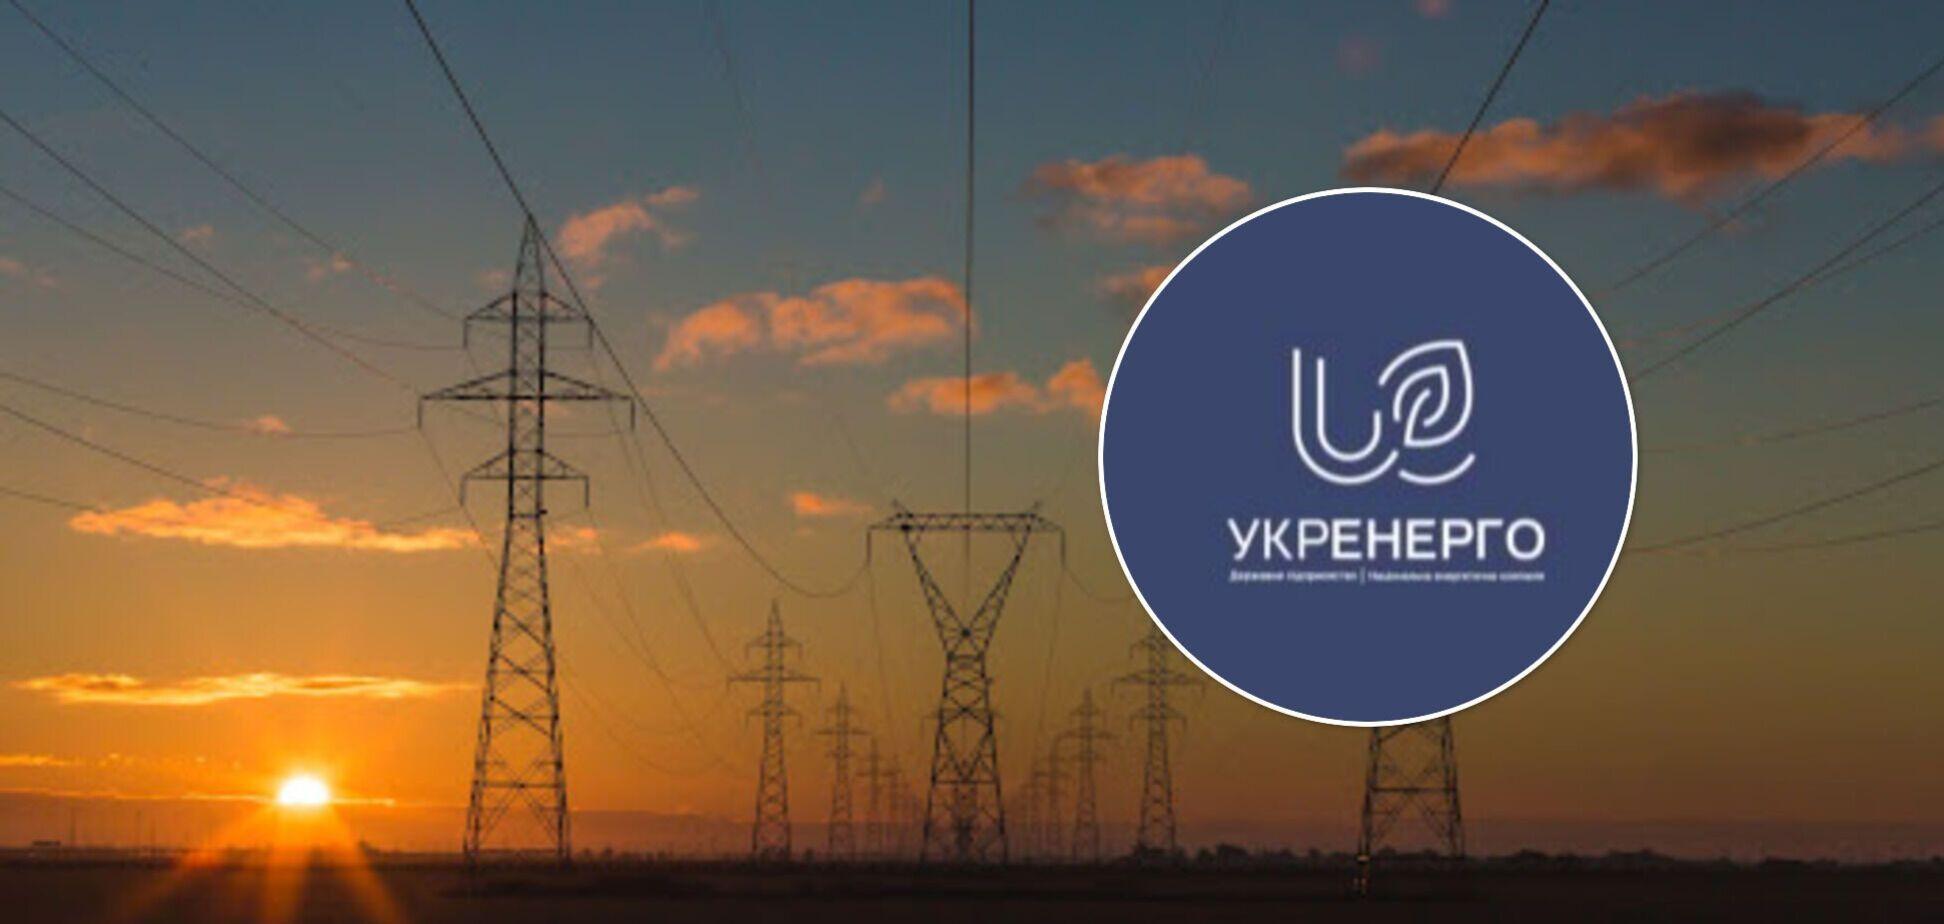 В 'НЕК 'Укренерго' є всі підстави для того, щоб знизити тариф на передачу електроенергії